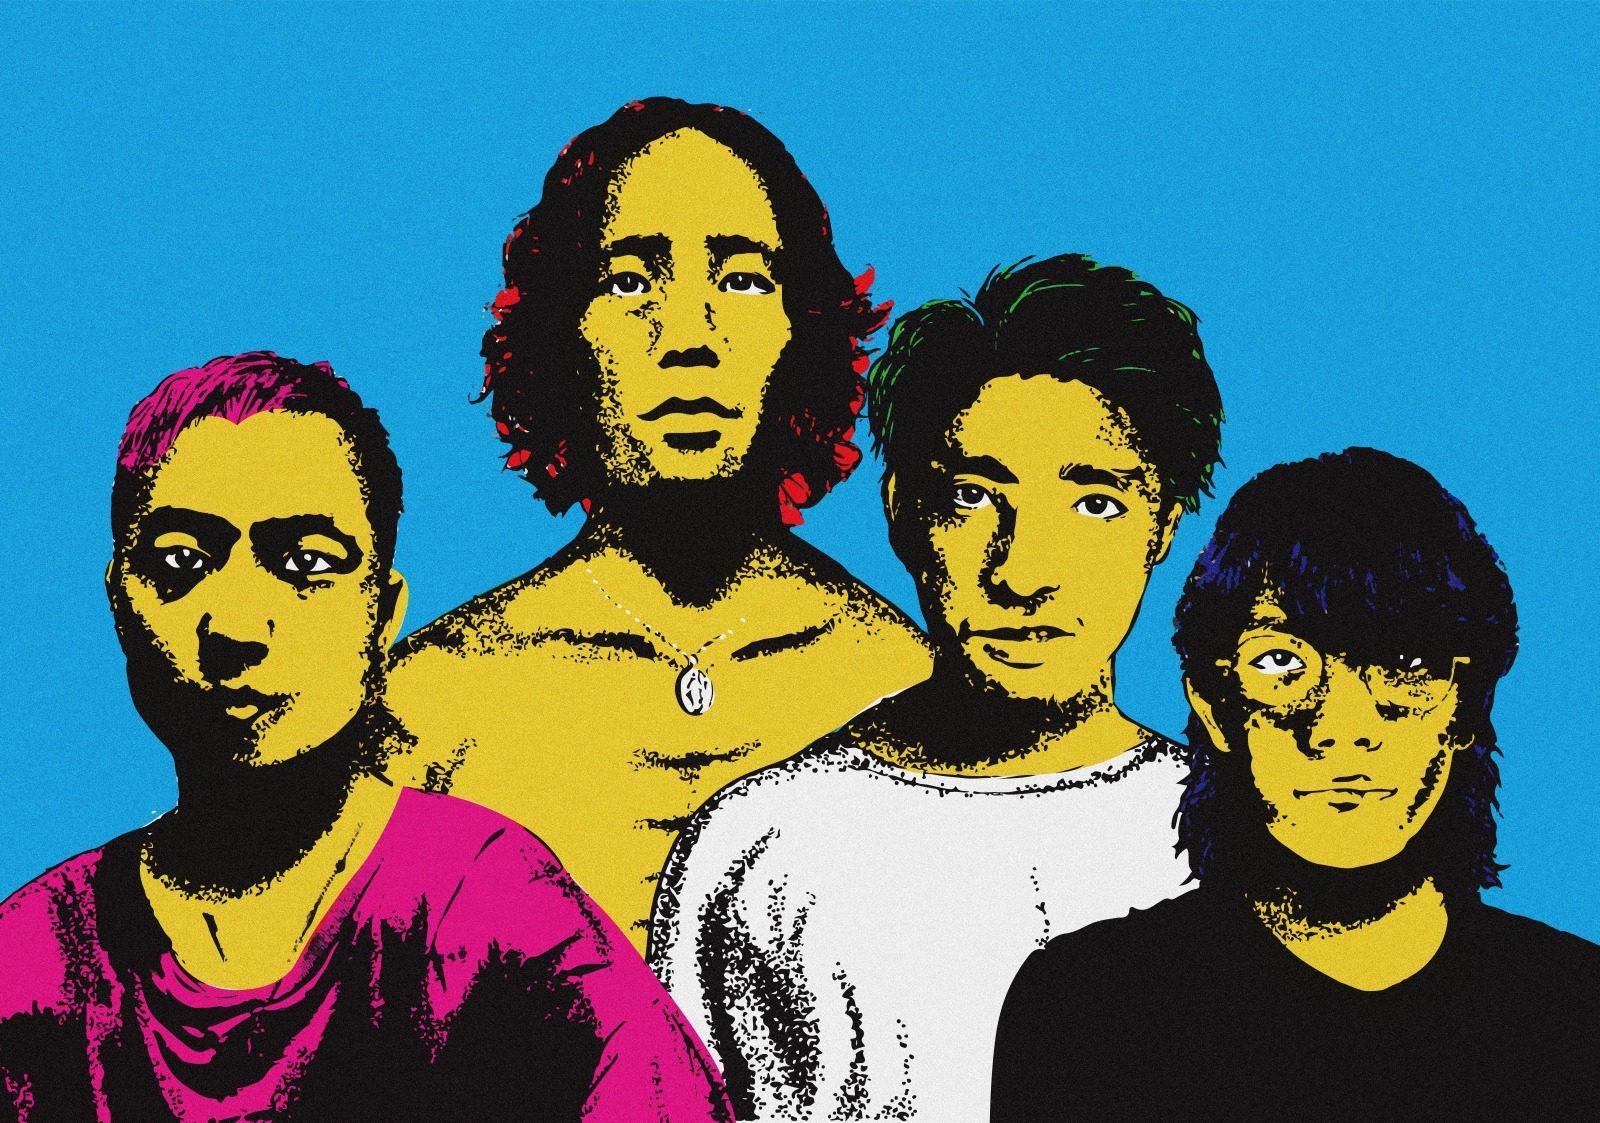 愛はズボーン、新曲『ひっくりかえす』を10月に配信リリースサムネイル画像